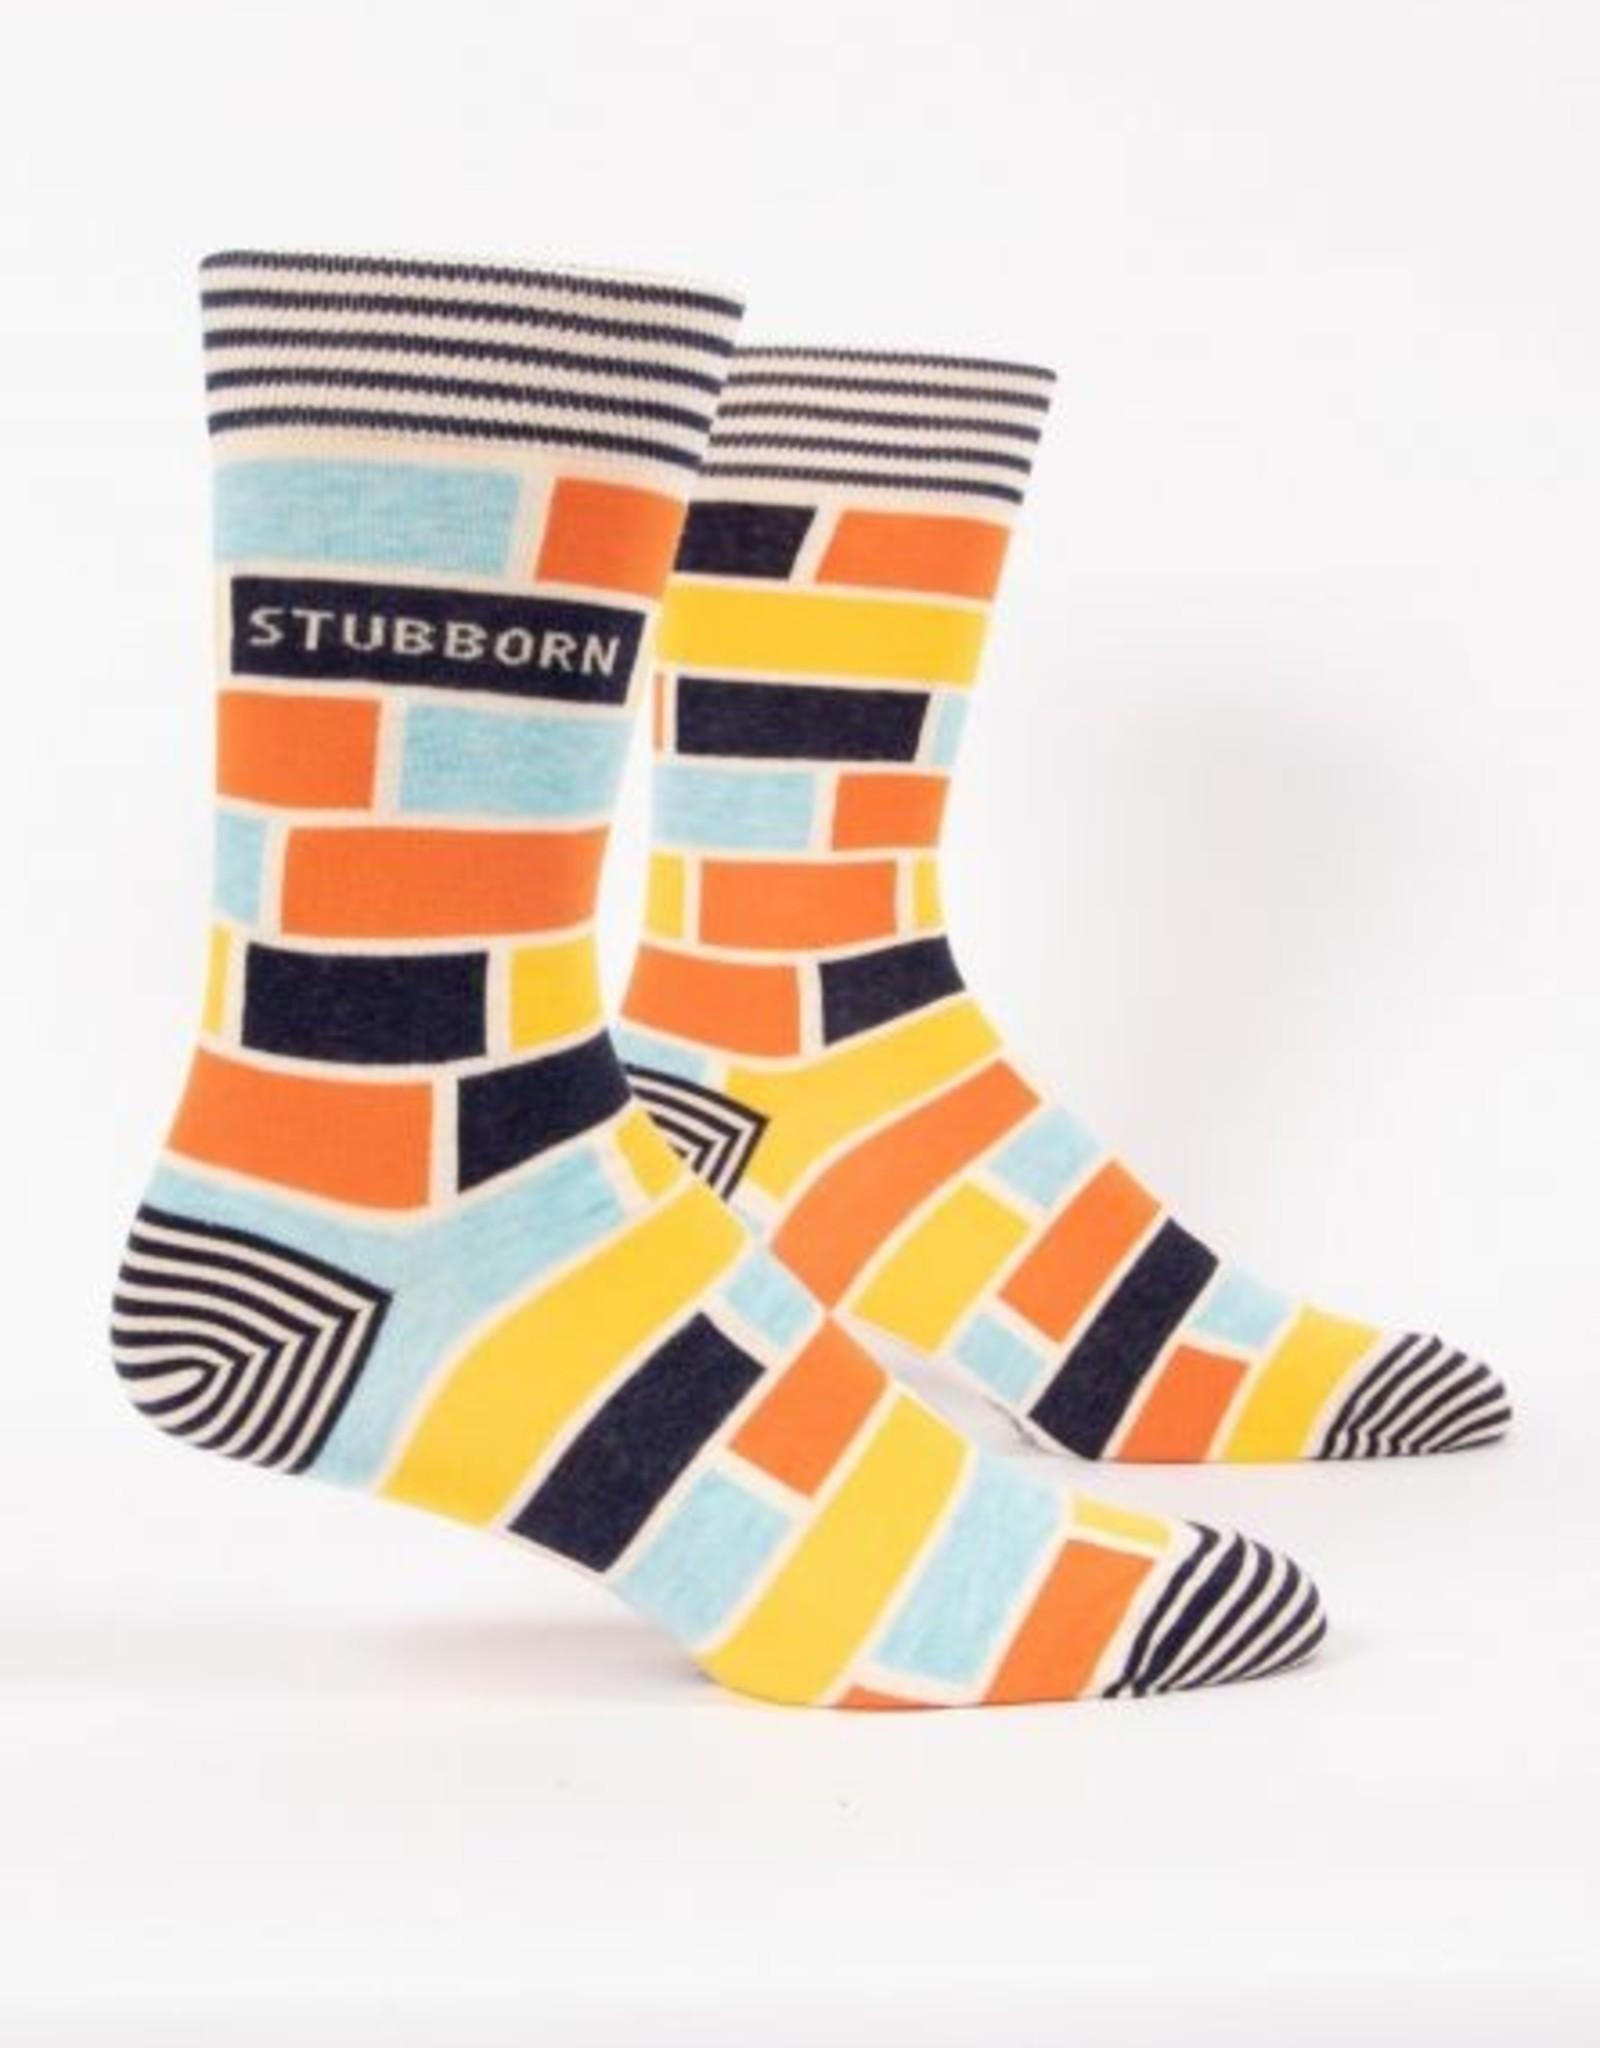 Blue Q Socks, Stubborn